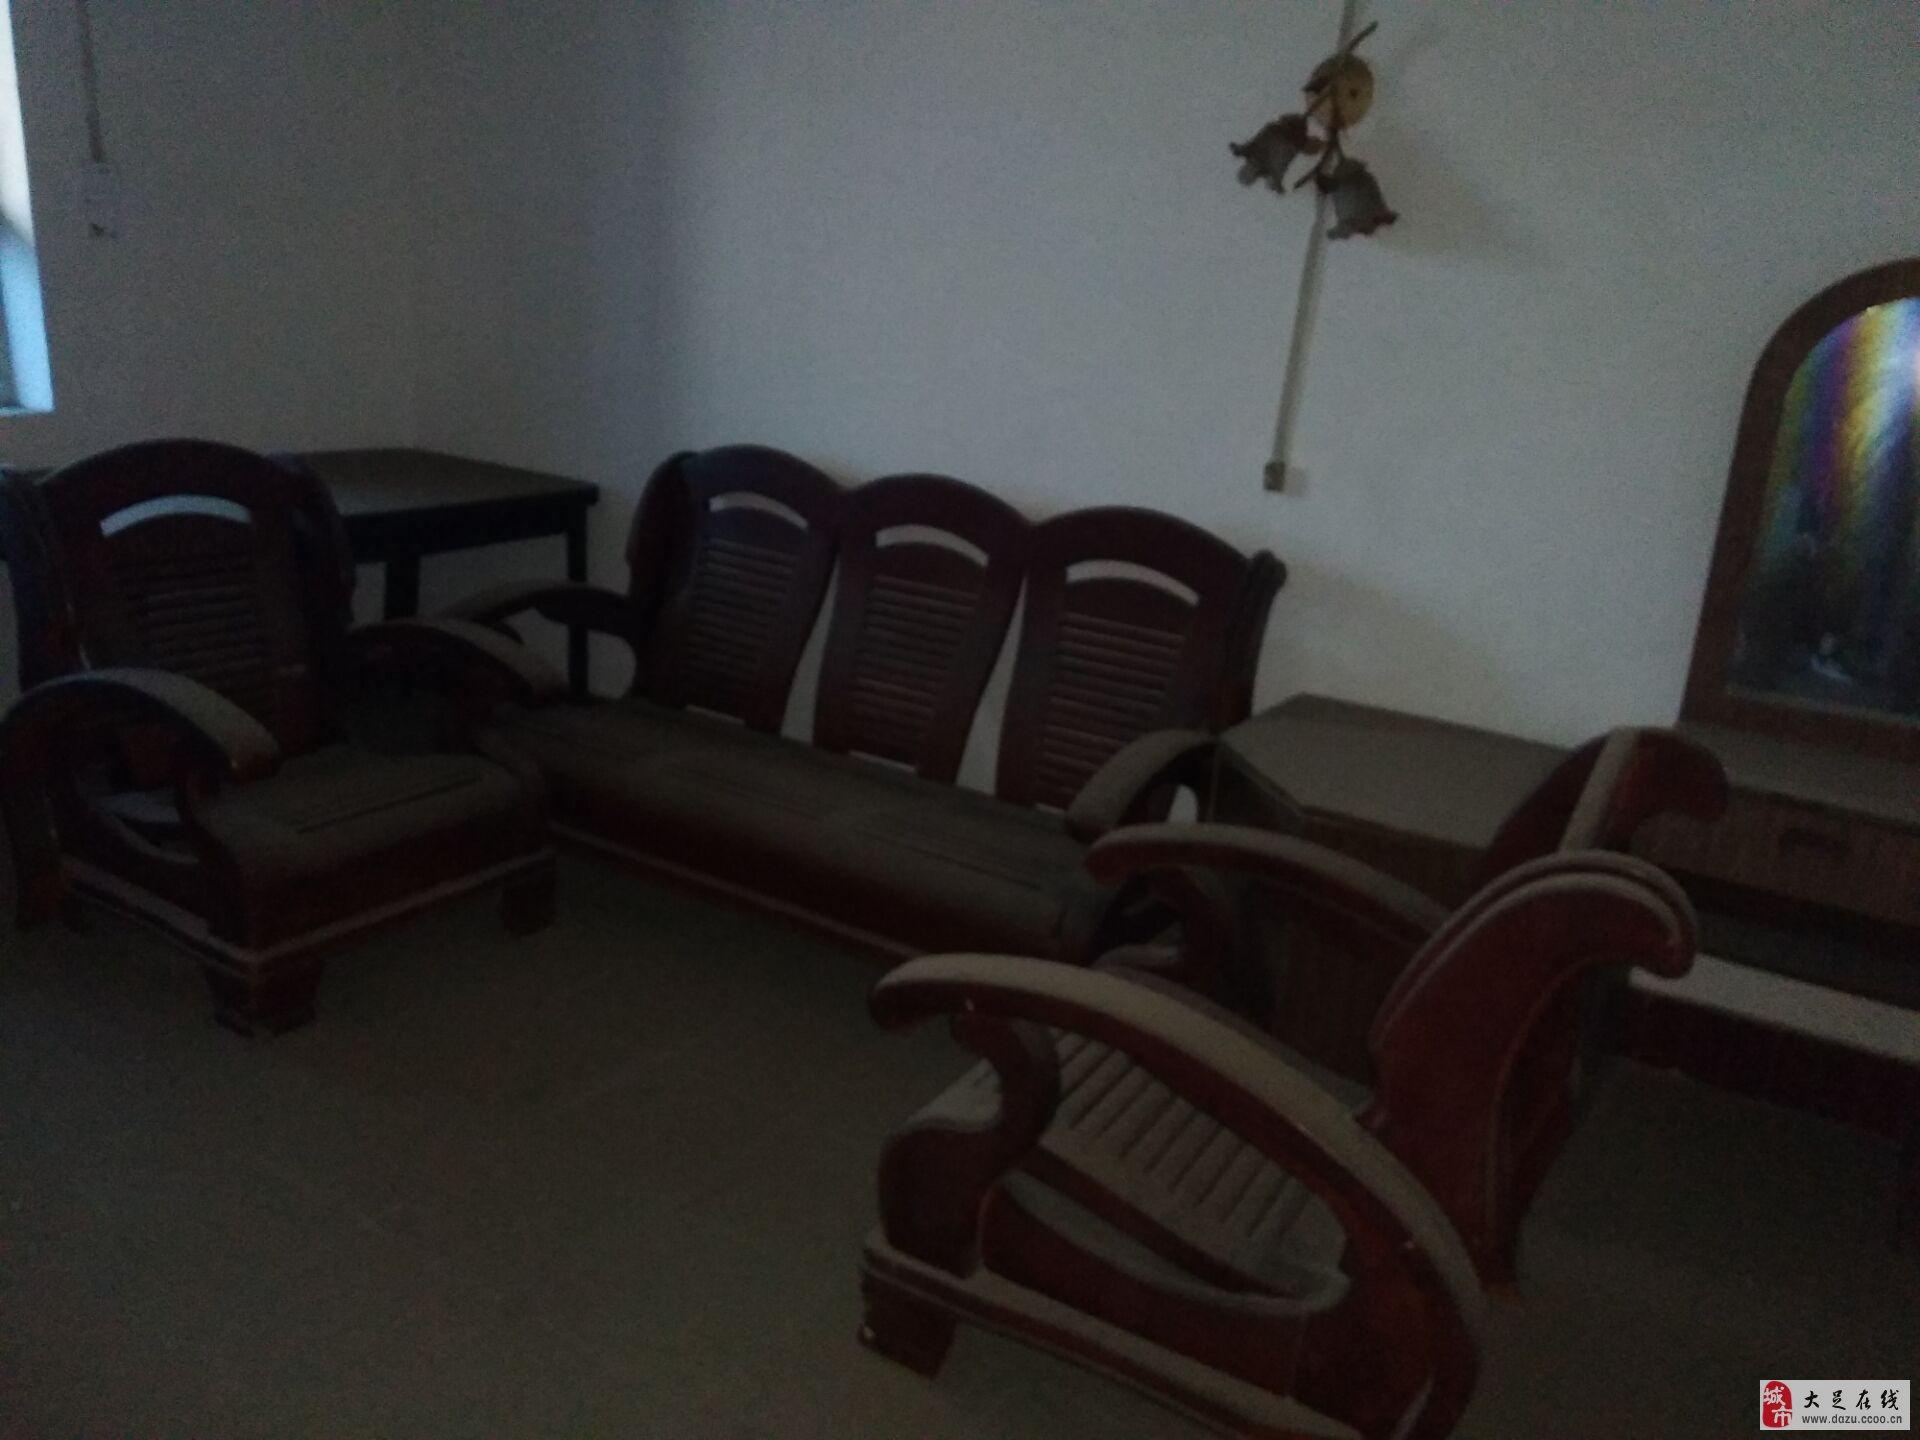 寶馬苑附近2室2廳1衛總價僅需11.8萬元